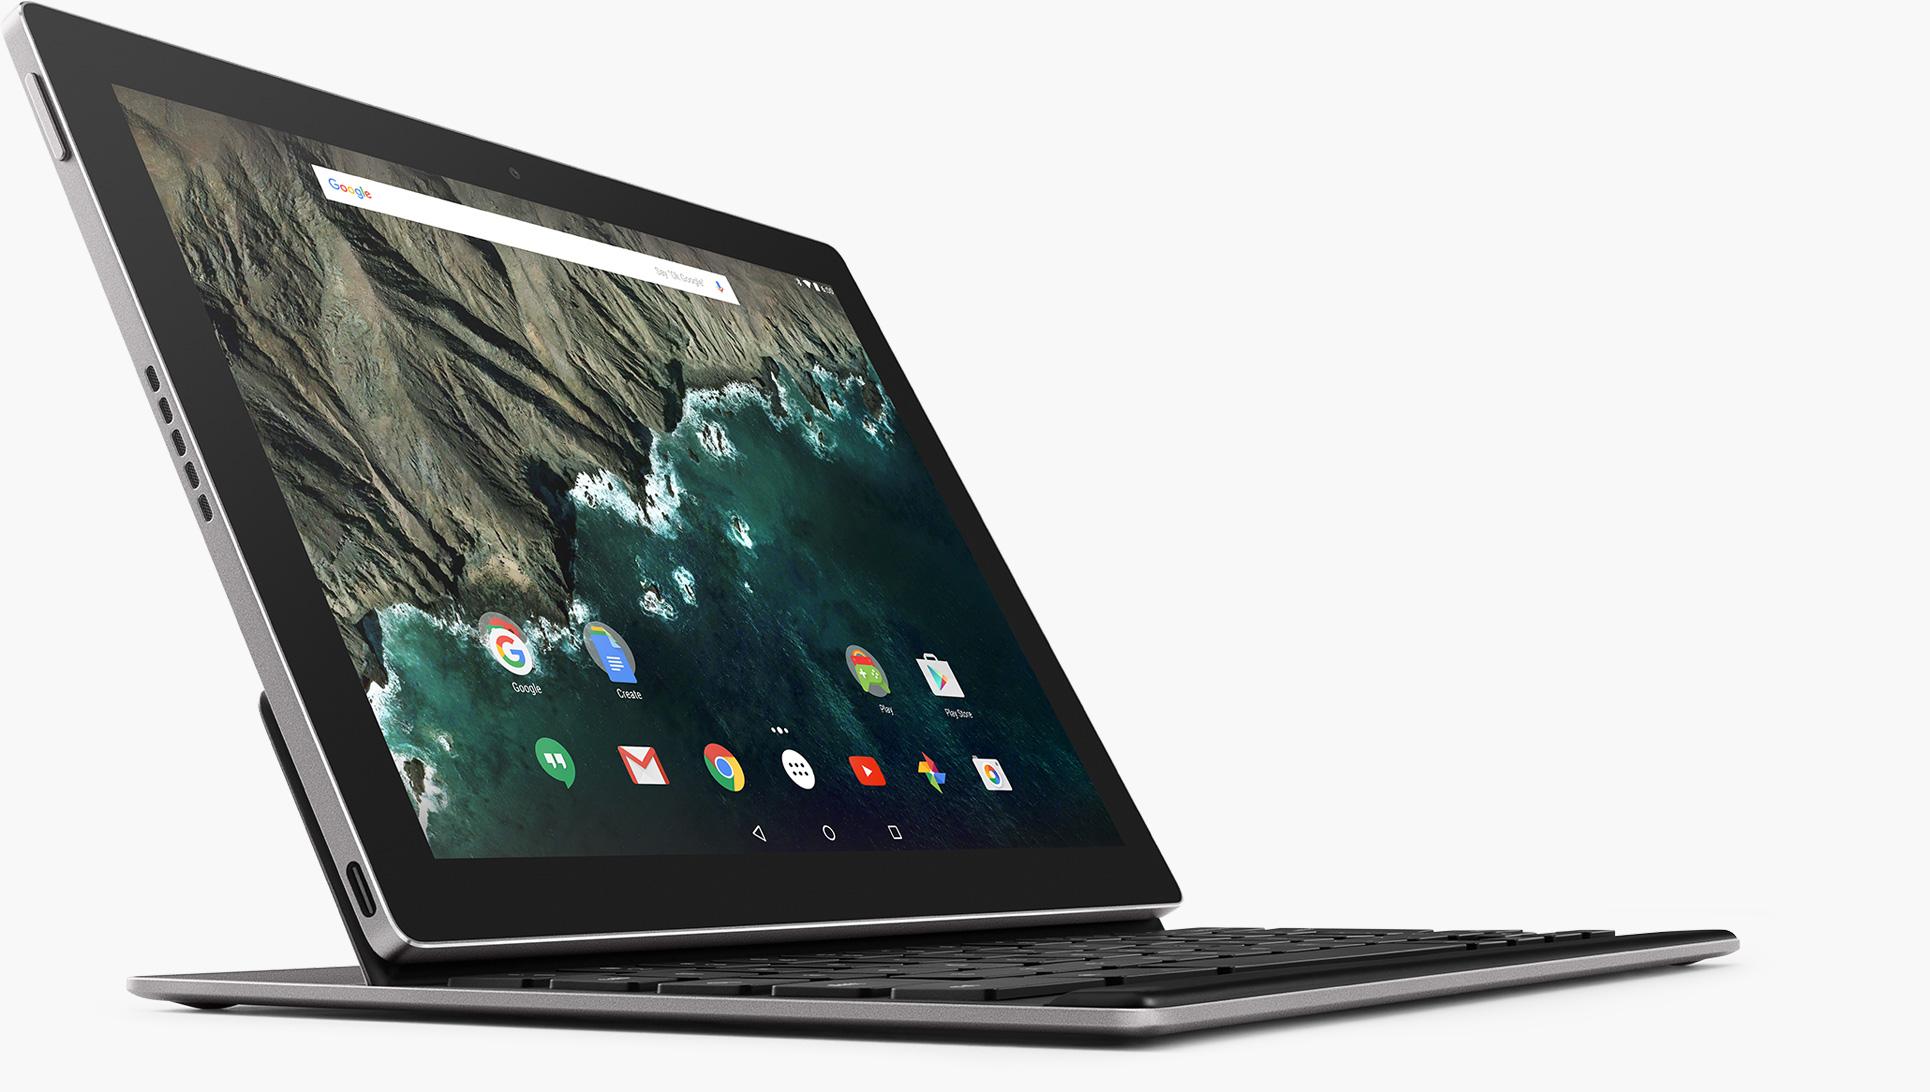 Photo of Cica Google ar vinde mai bine decat Apple… laptopuri! Daca Chromebook se poate numi asa.